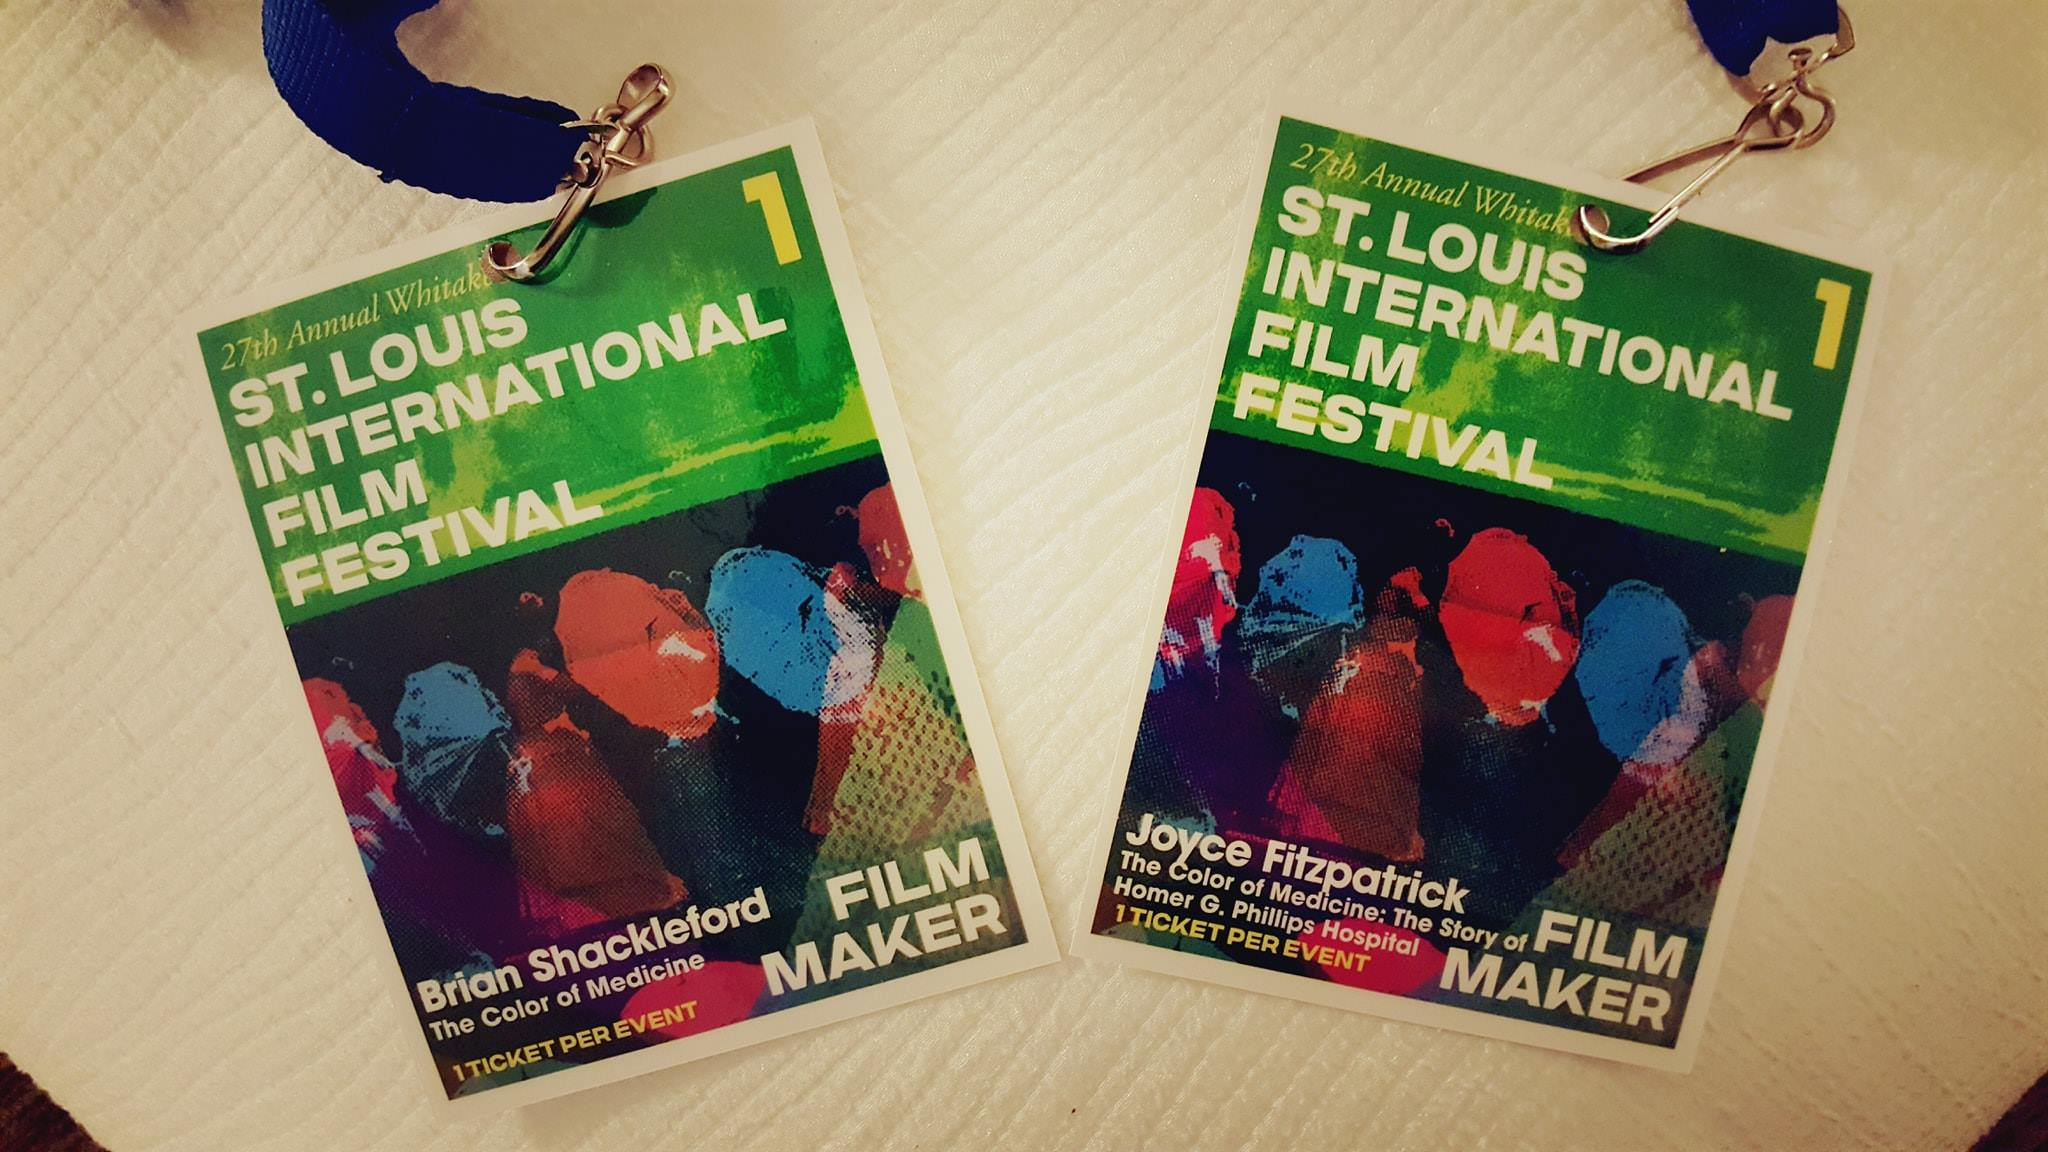 St. Louis Film Festival